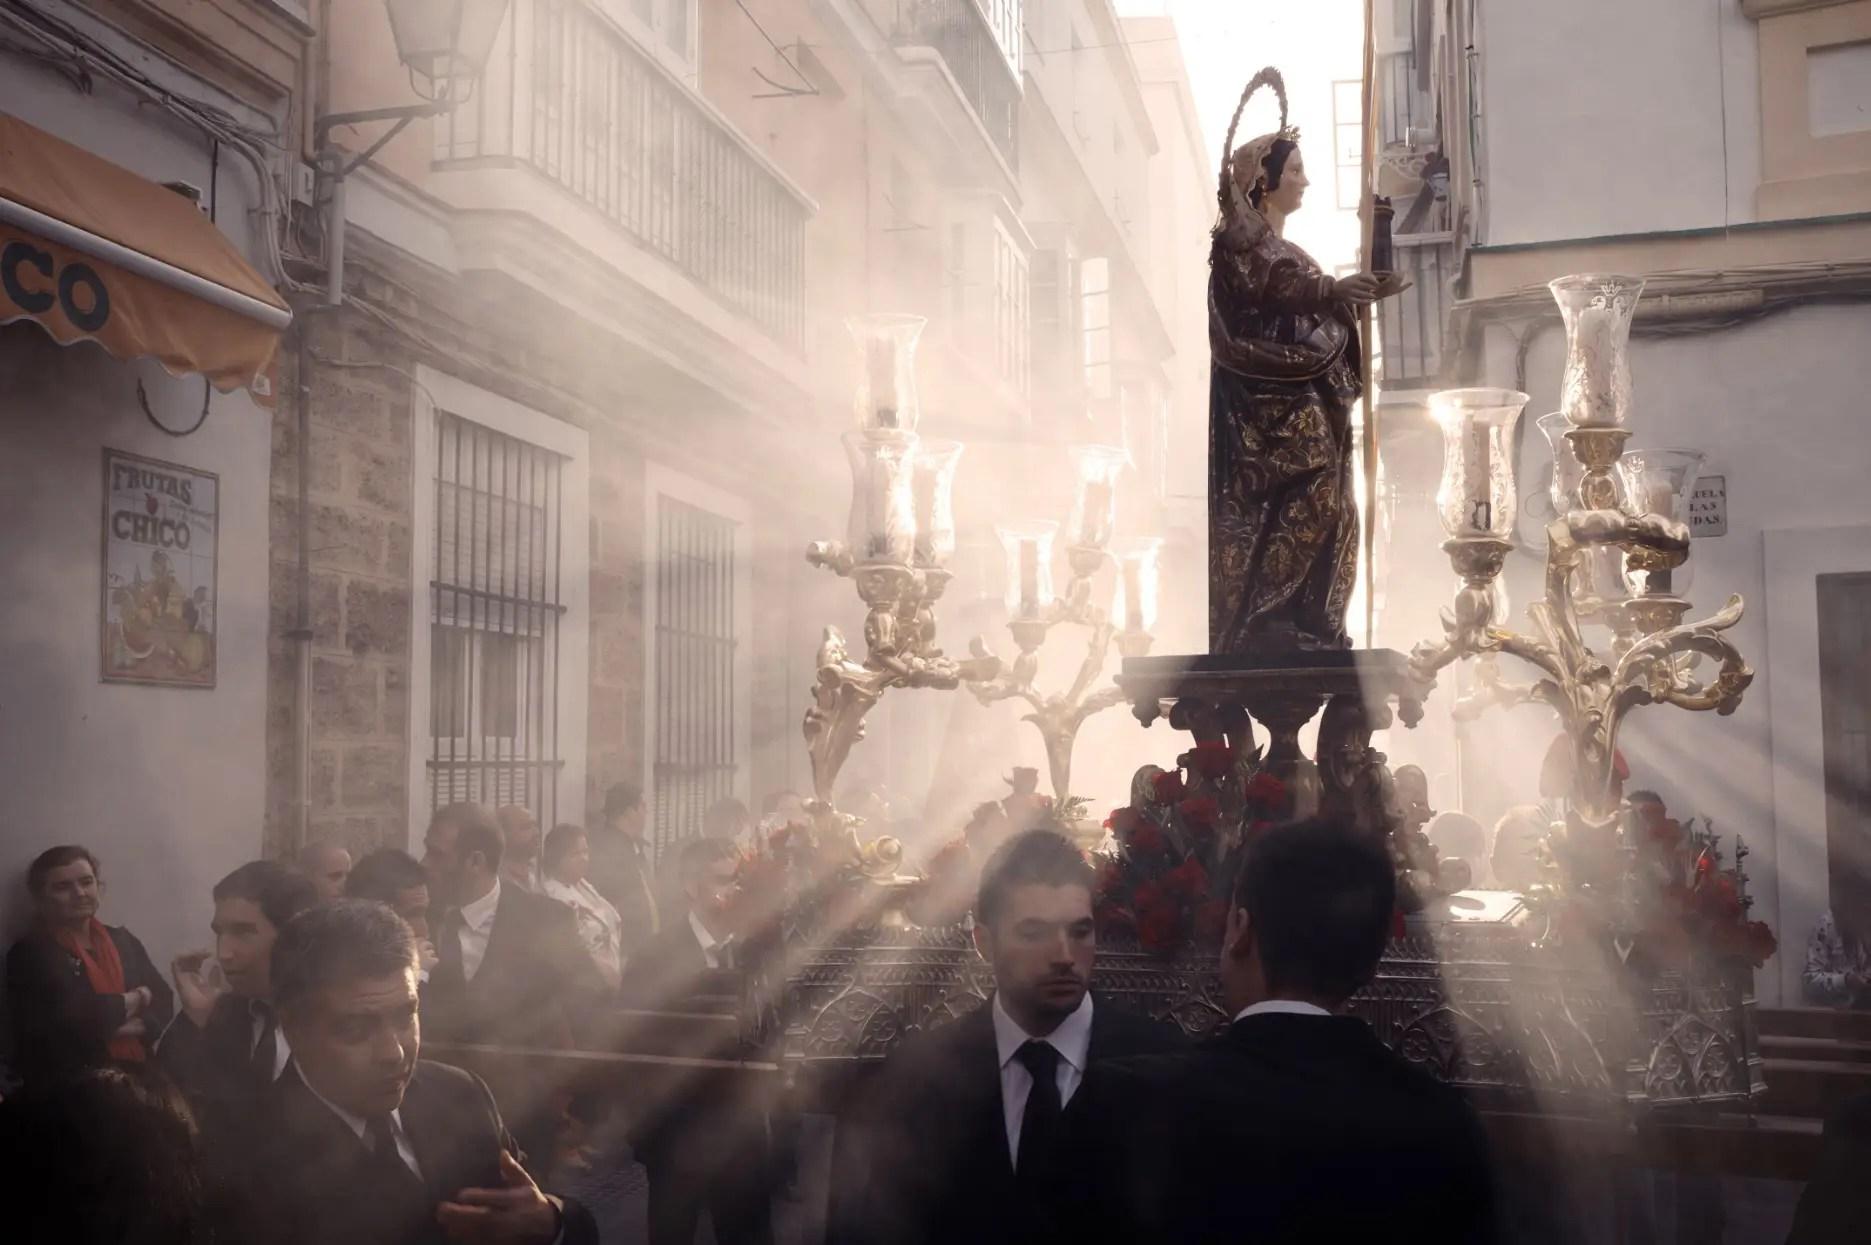 Religious procession in Cadiz, Spain